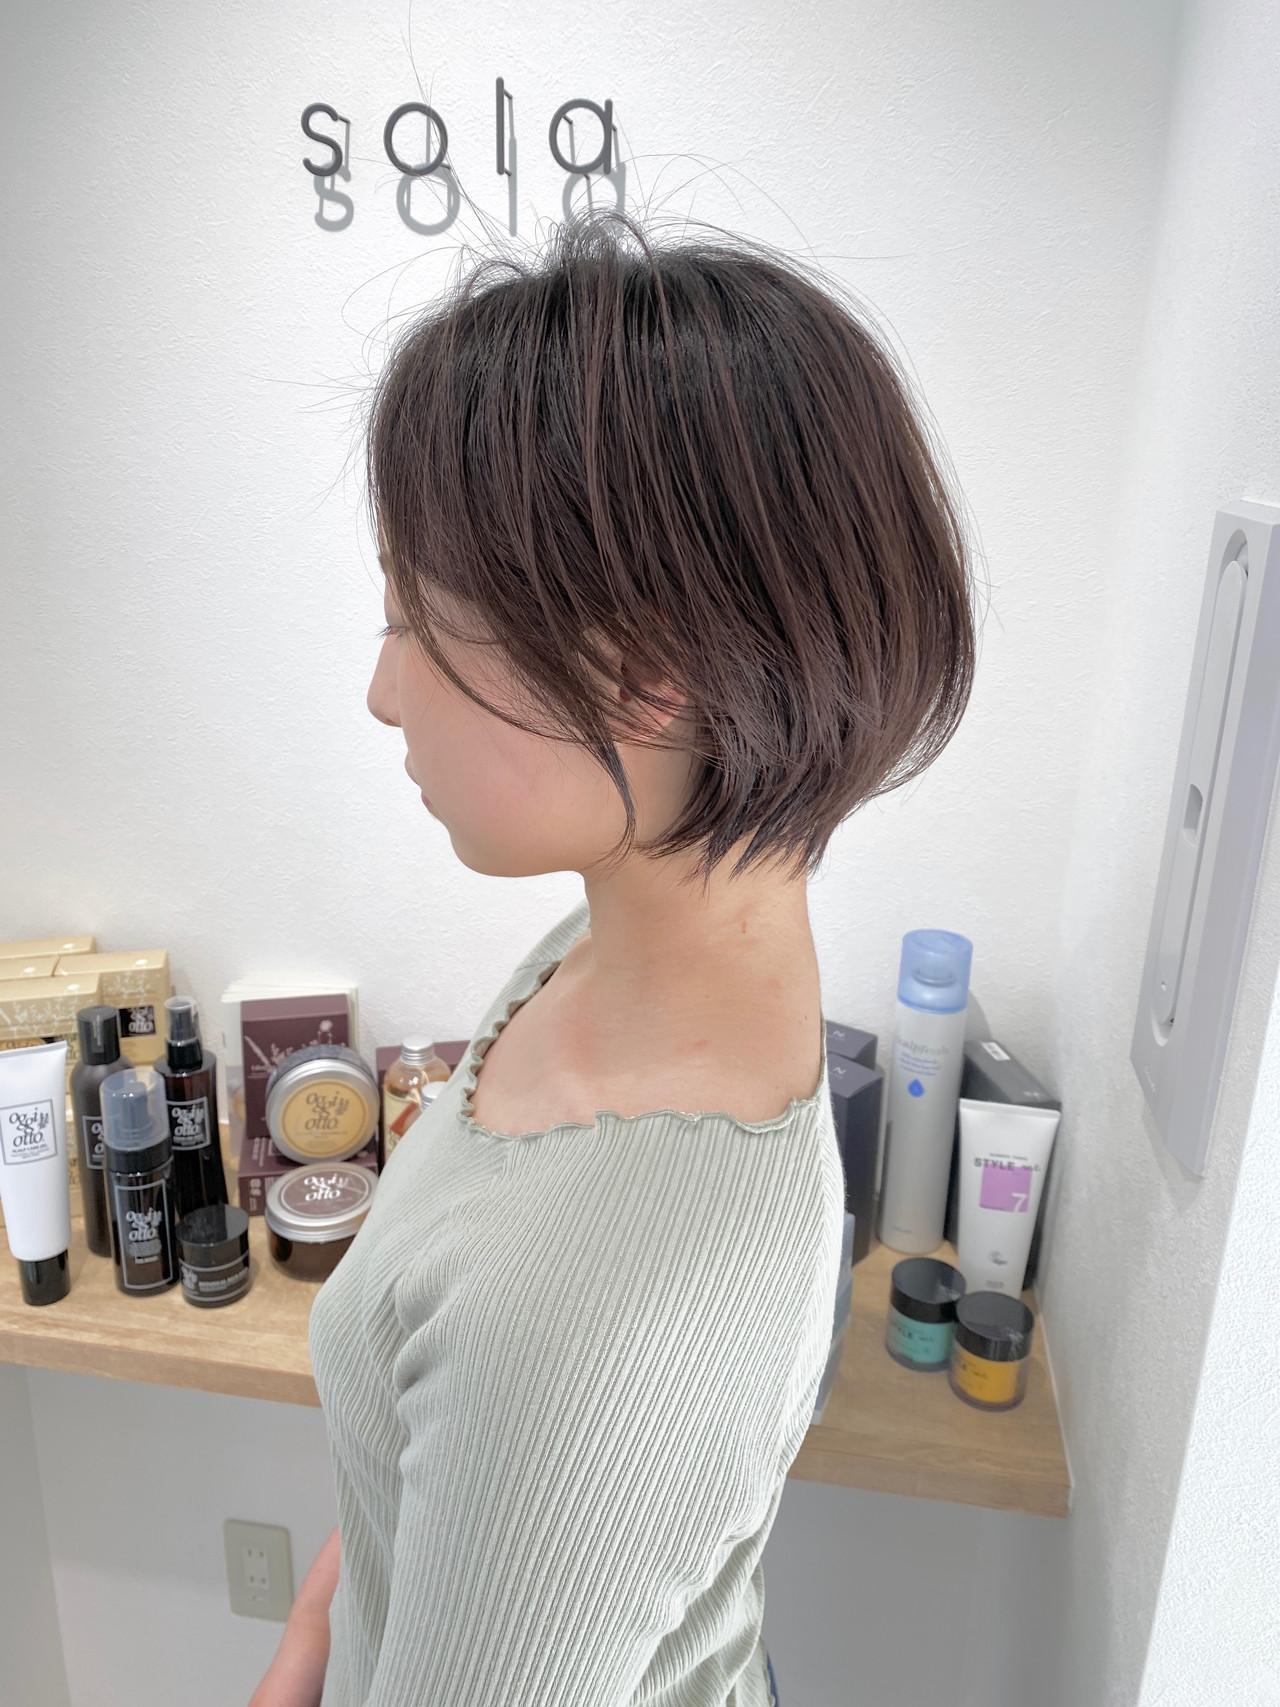 ショートボブ ボブ ナチュラル ショートヘア ヘアスタイルや髪型の写真・画像   金子ひろゆき / sola